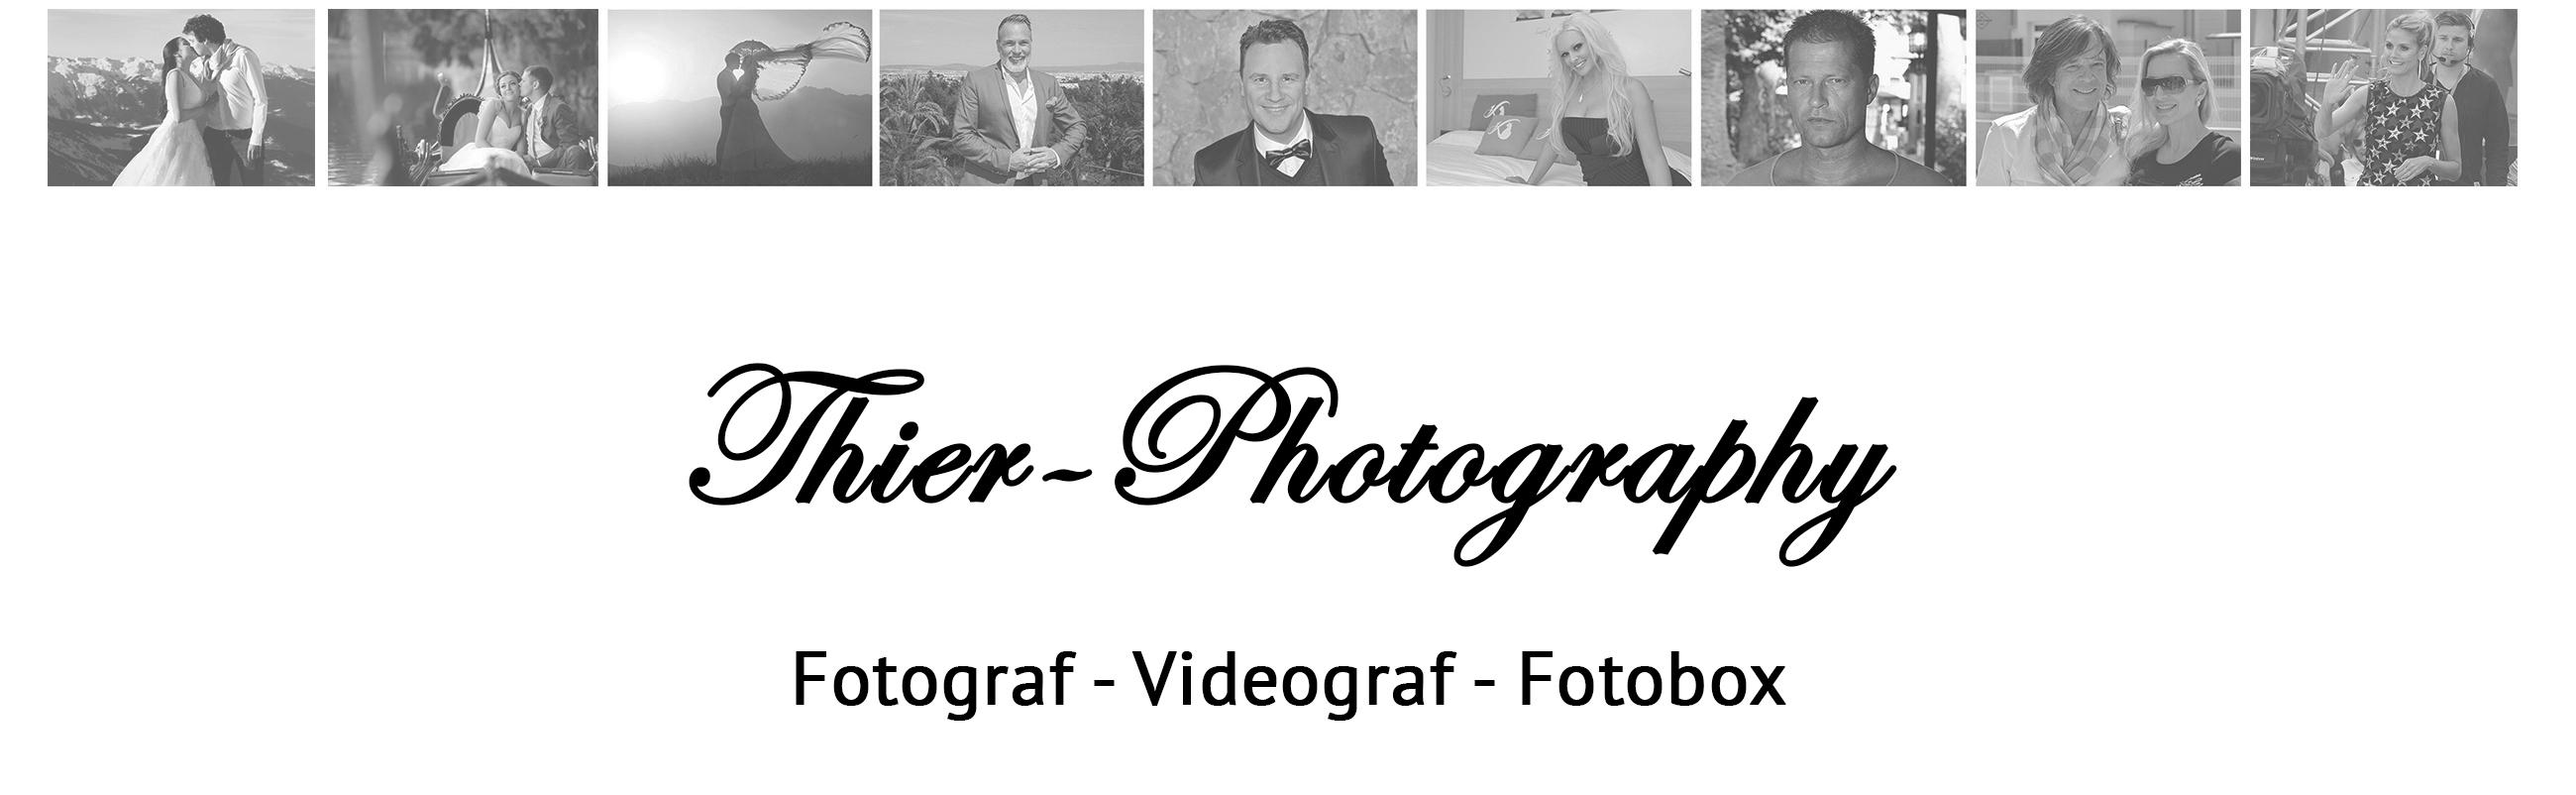 FOTOGRAF ROSENHEIM PRIEN CHIEMSEE KUFSTEIN CHIEMGAU SALZBURG MÜNCHEN HOCHZEITSFOTOGRAF